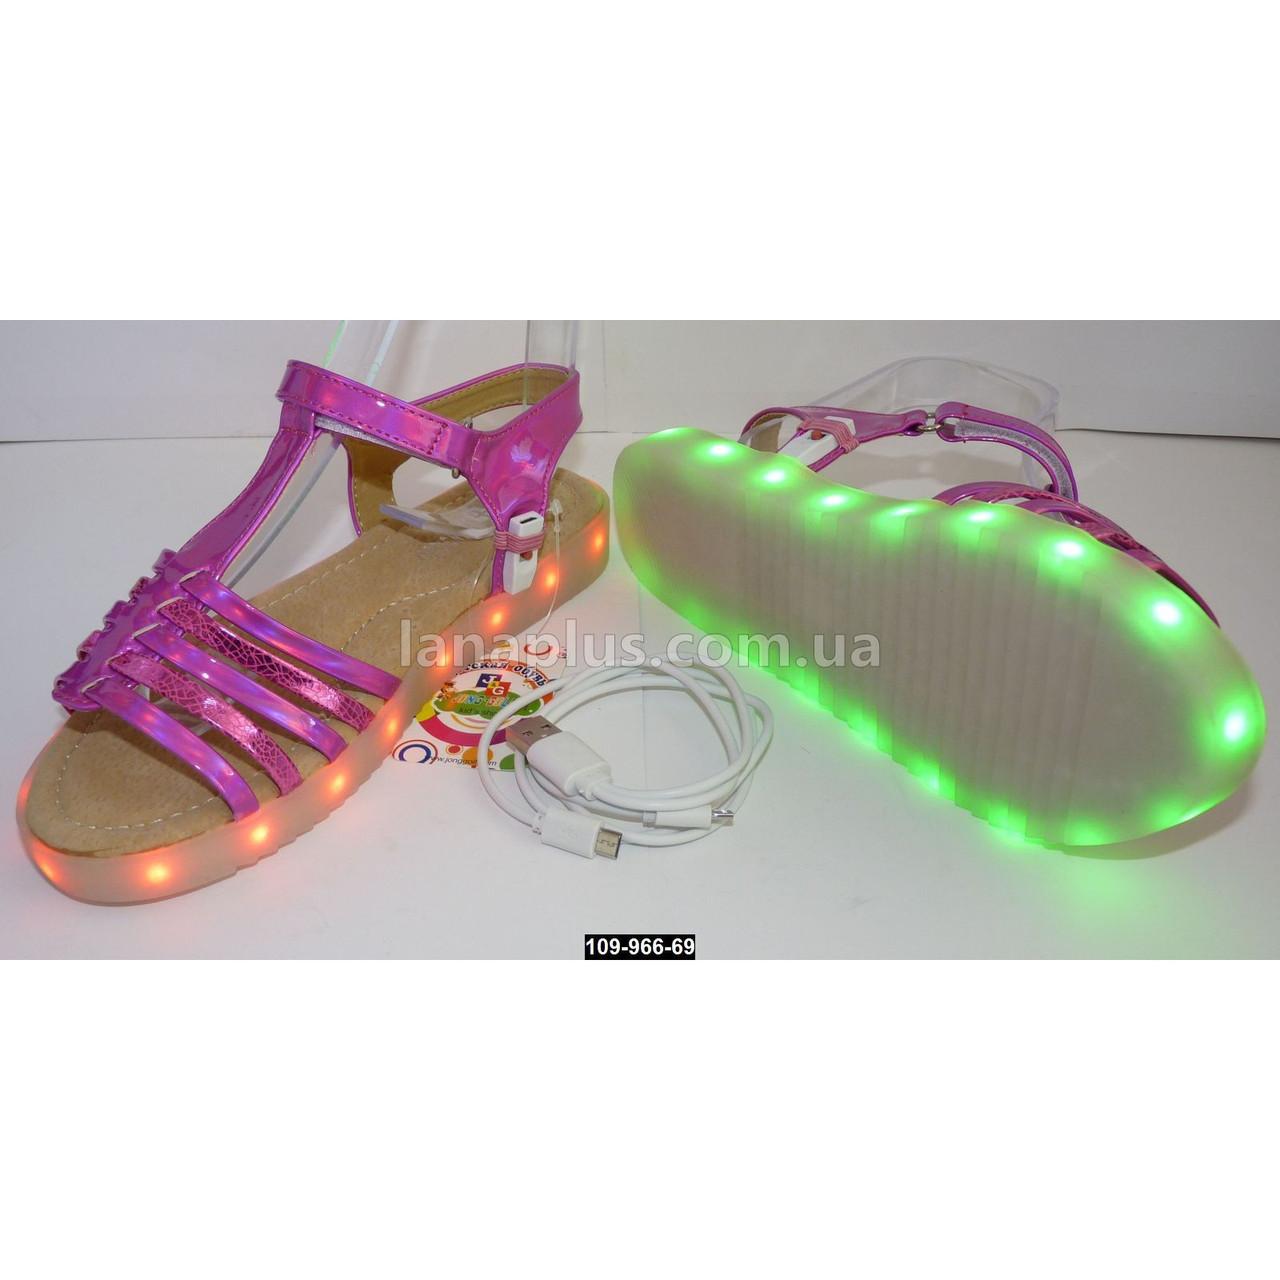 Светящиеся босоножки для девочки, 32 размер (20.1 см), 11 режимов LED подсветки, подзарядка, USB